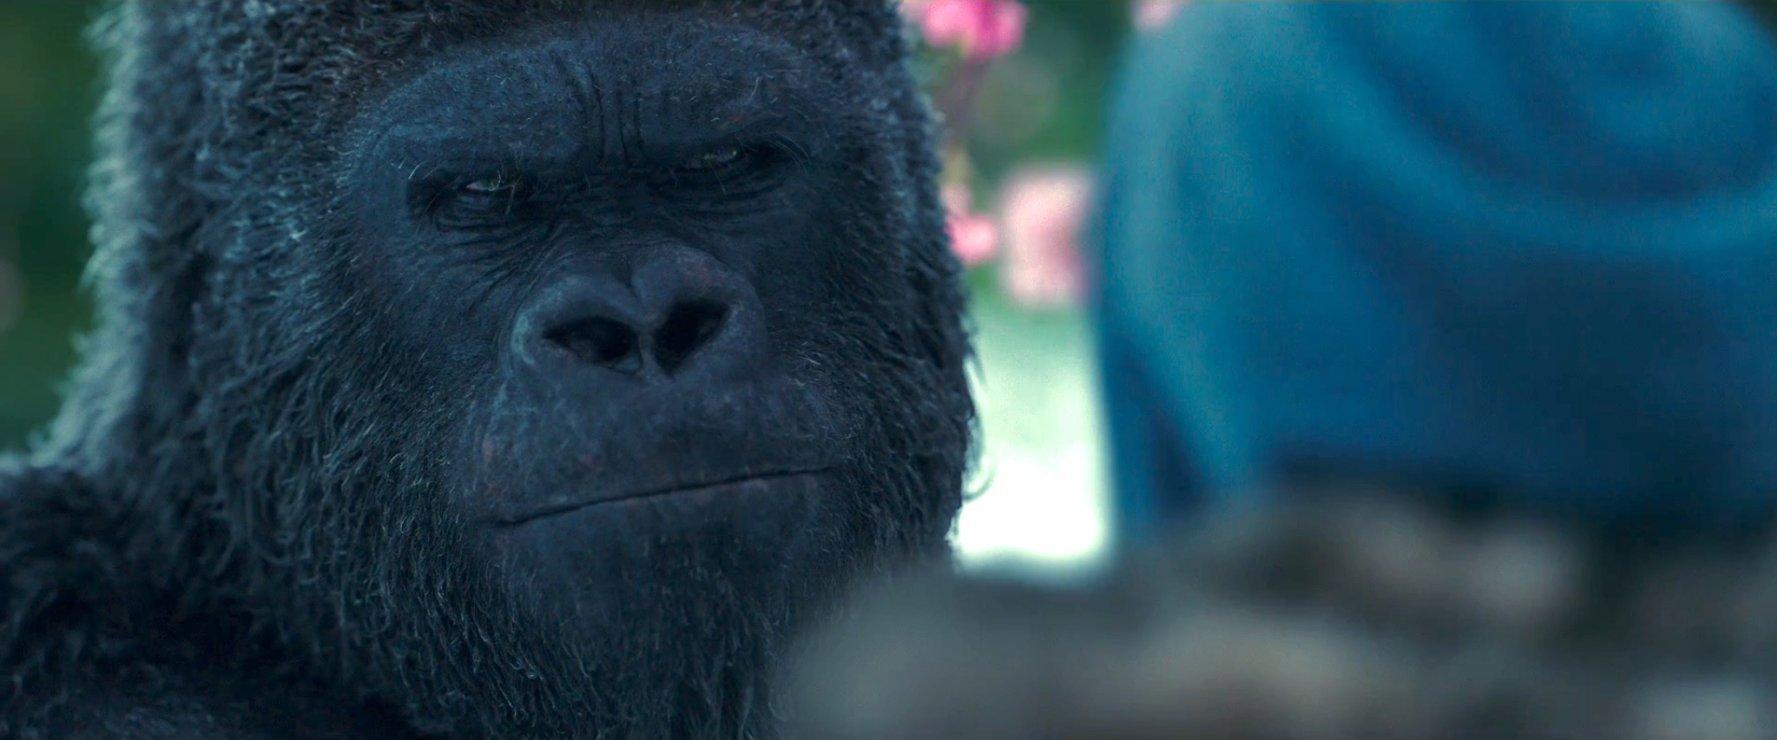 Планета обезьян Революция смотреть онлайн бесплатно (2 часа 10 минут)